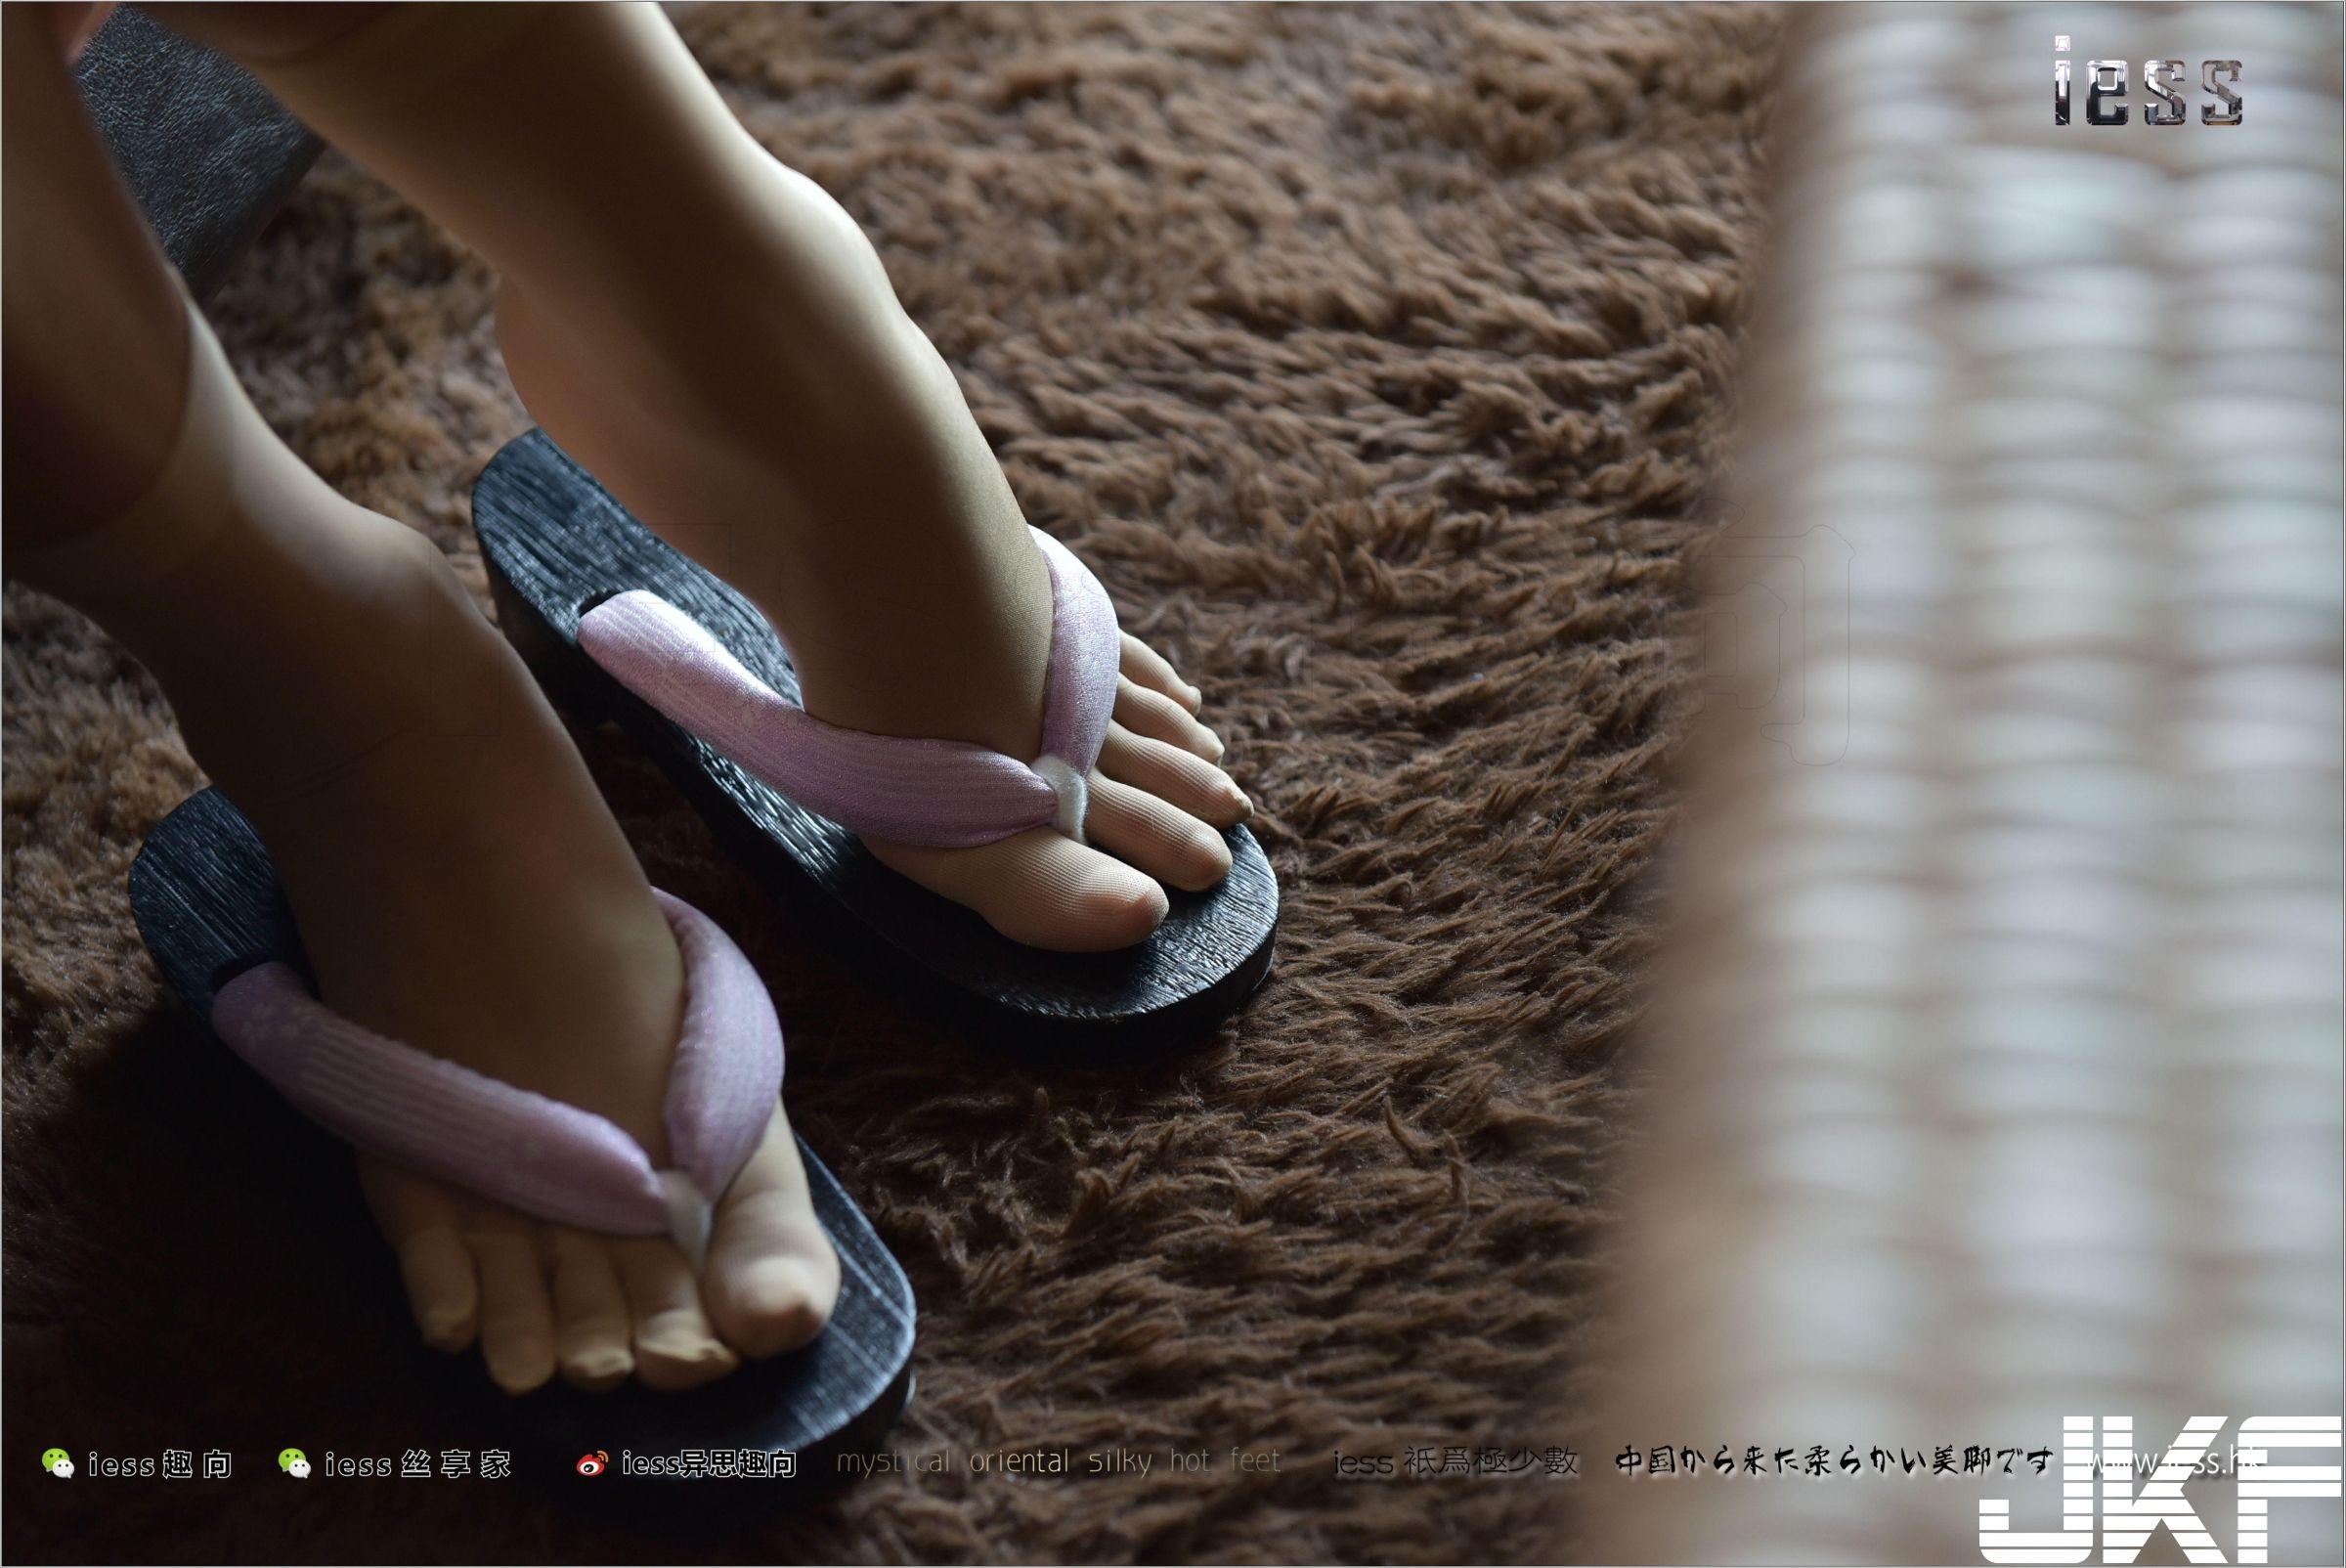 【IESS異思趣向系列】22017.08.26 絲足便當144:《令人崩潰的五指襪》【62P】 - 貼圖 - 絲襪美腿 -